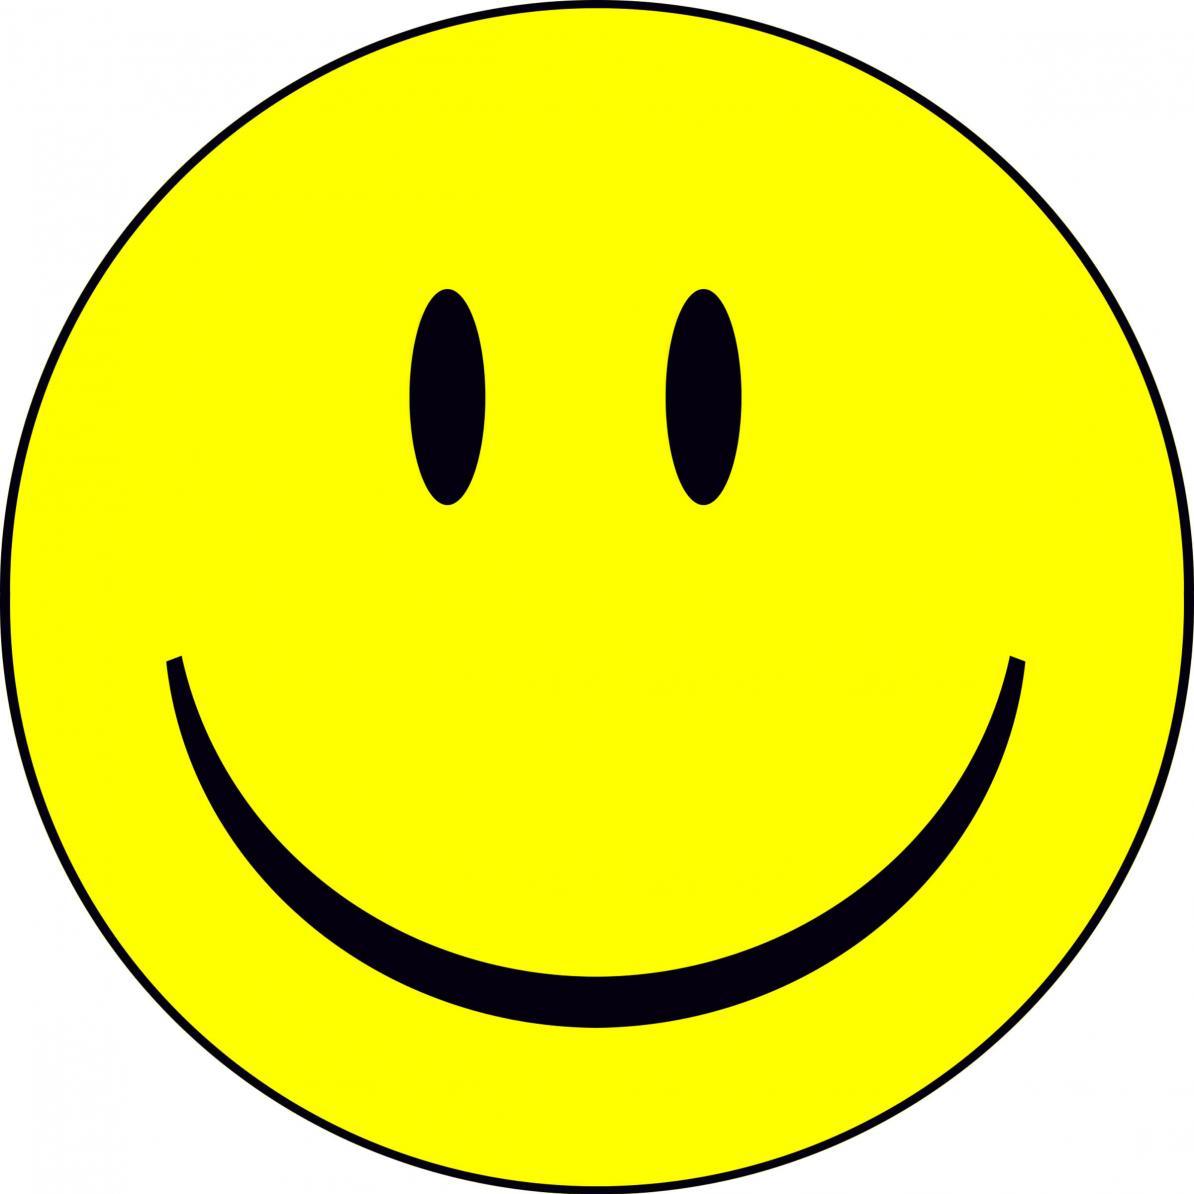 1194x1194 Happy Face Images Clip Art